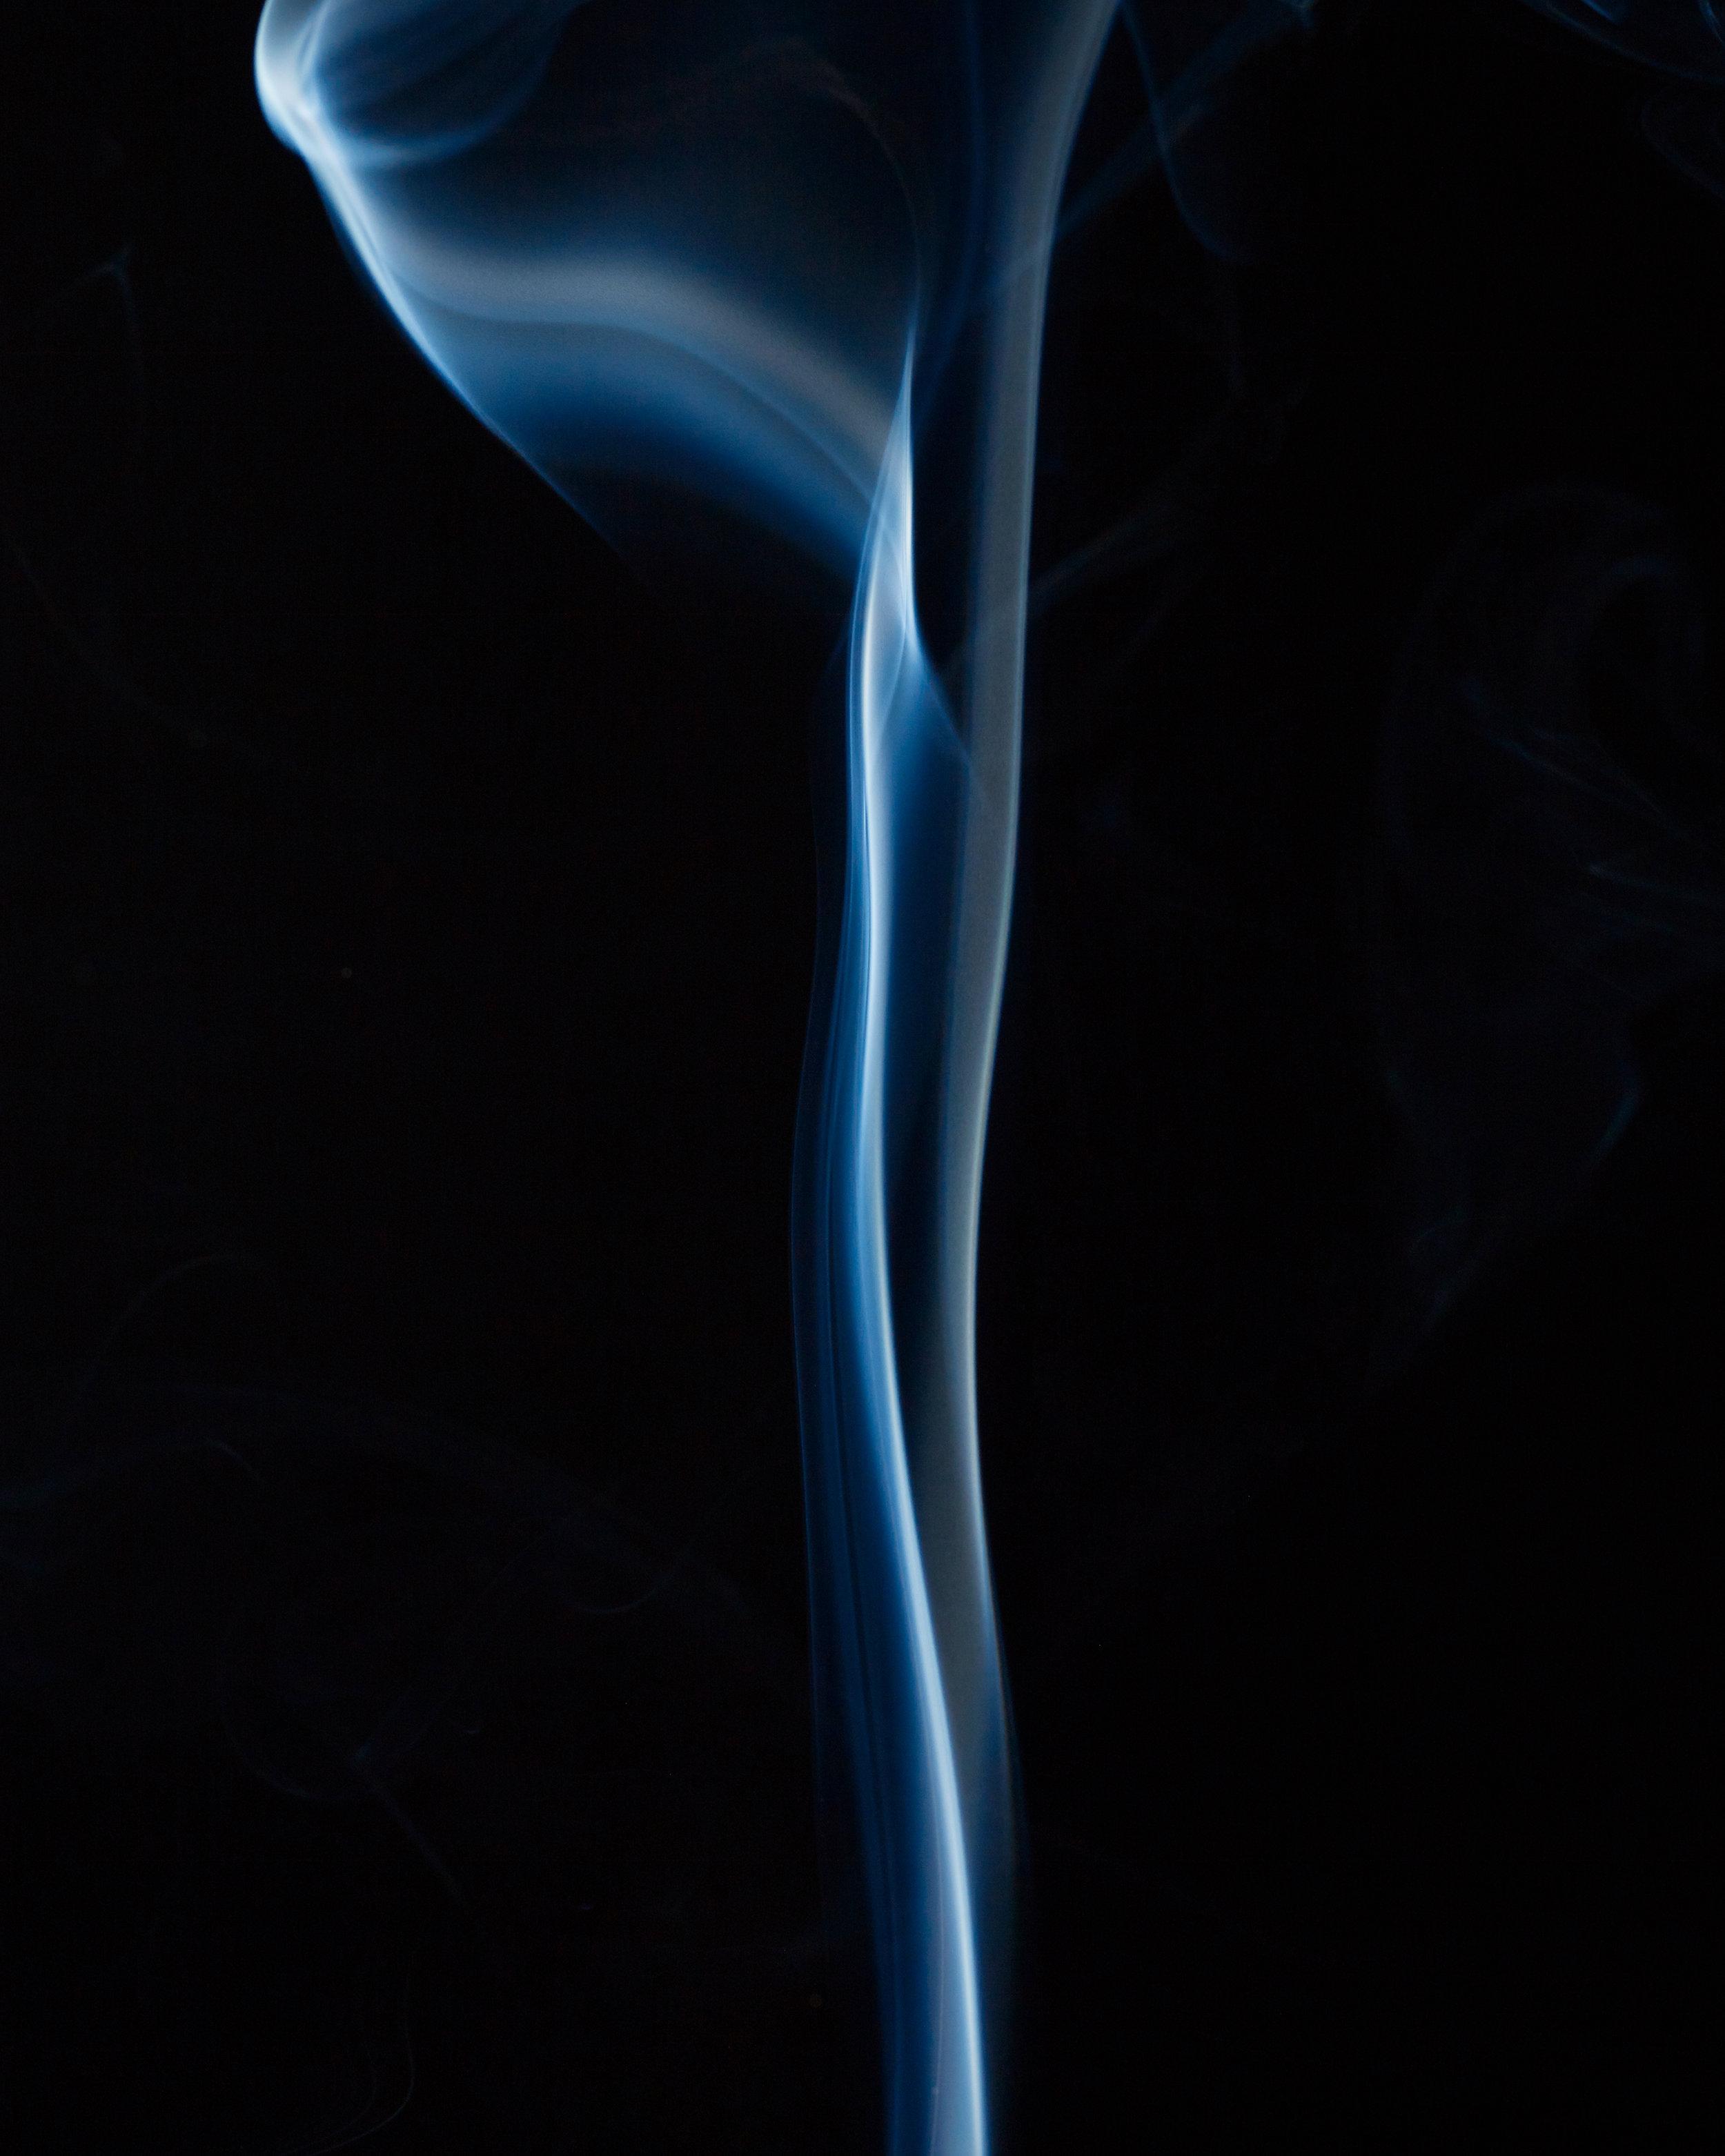 Smoke_183819.jpg